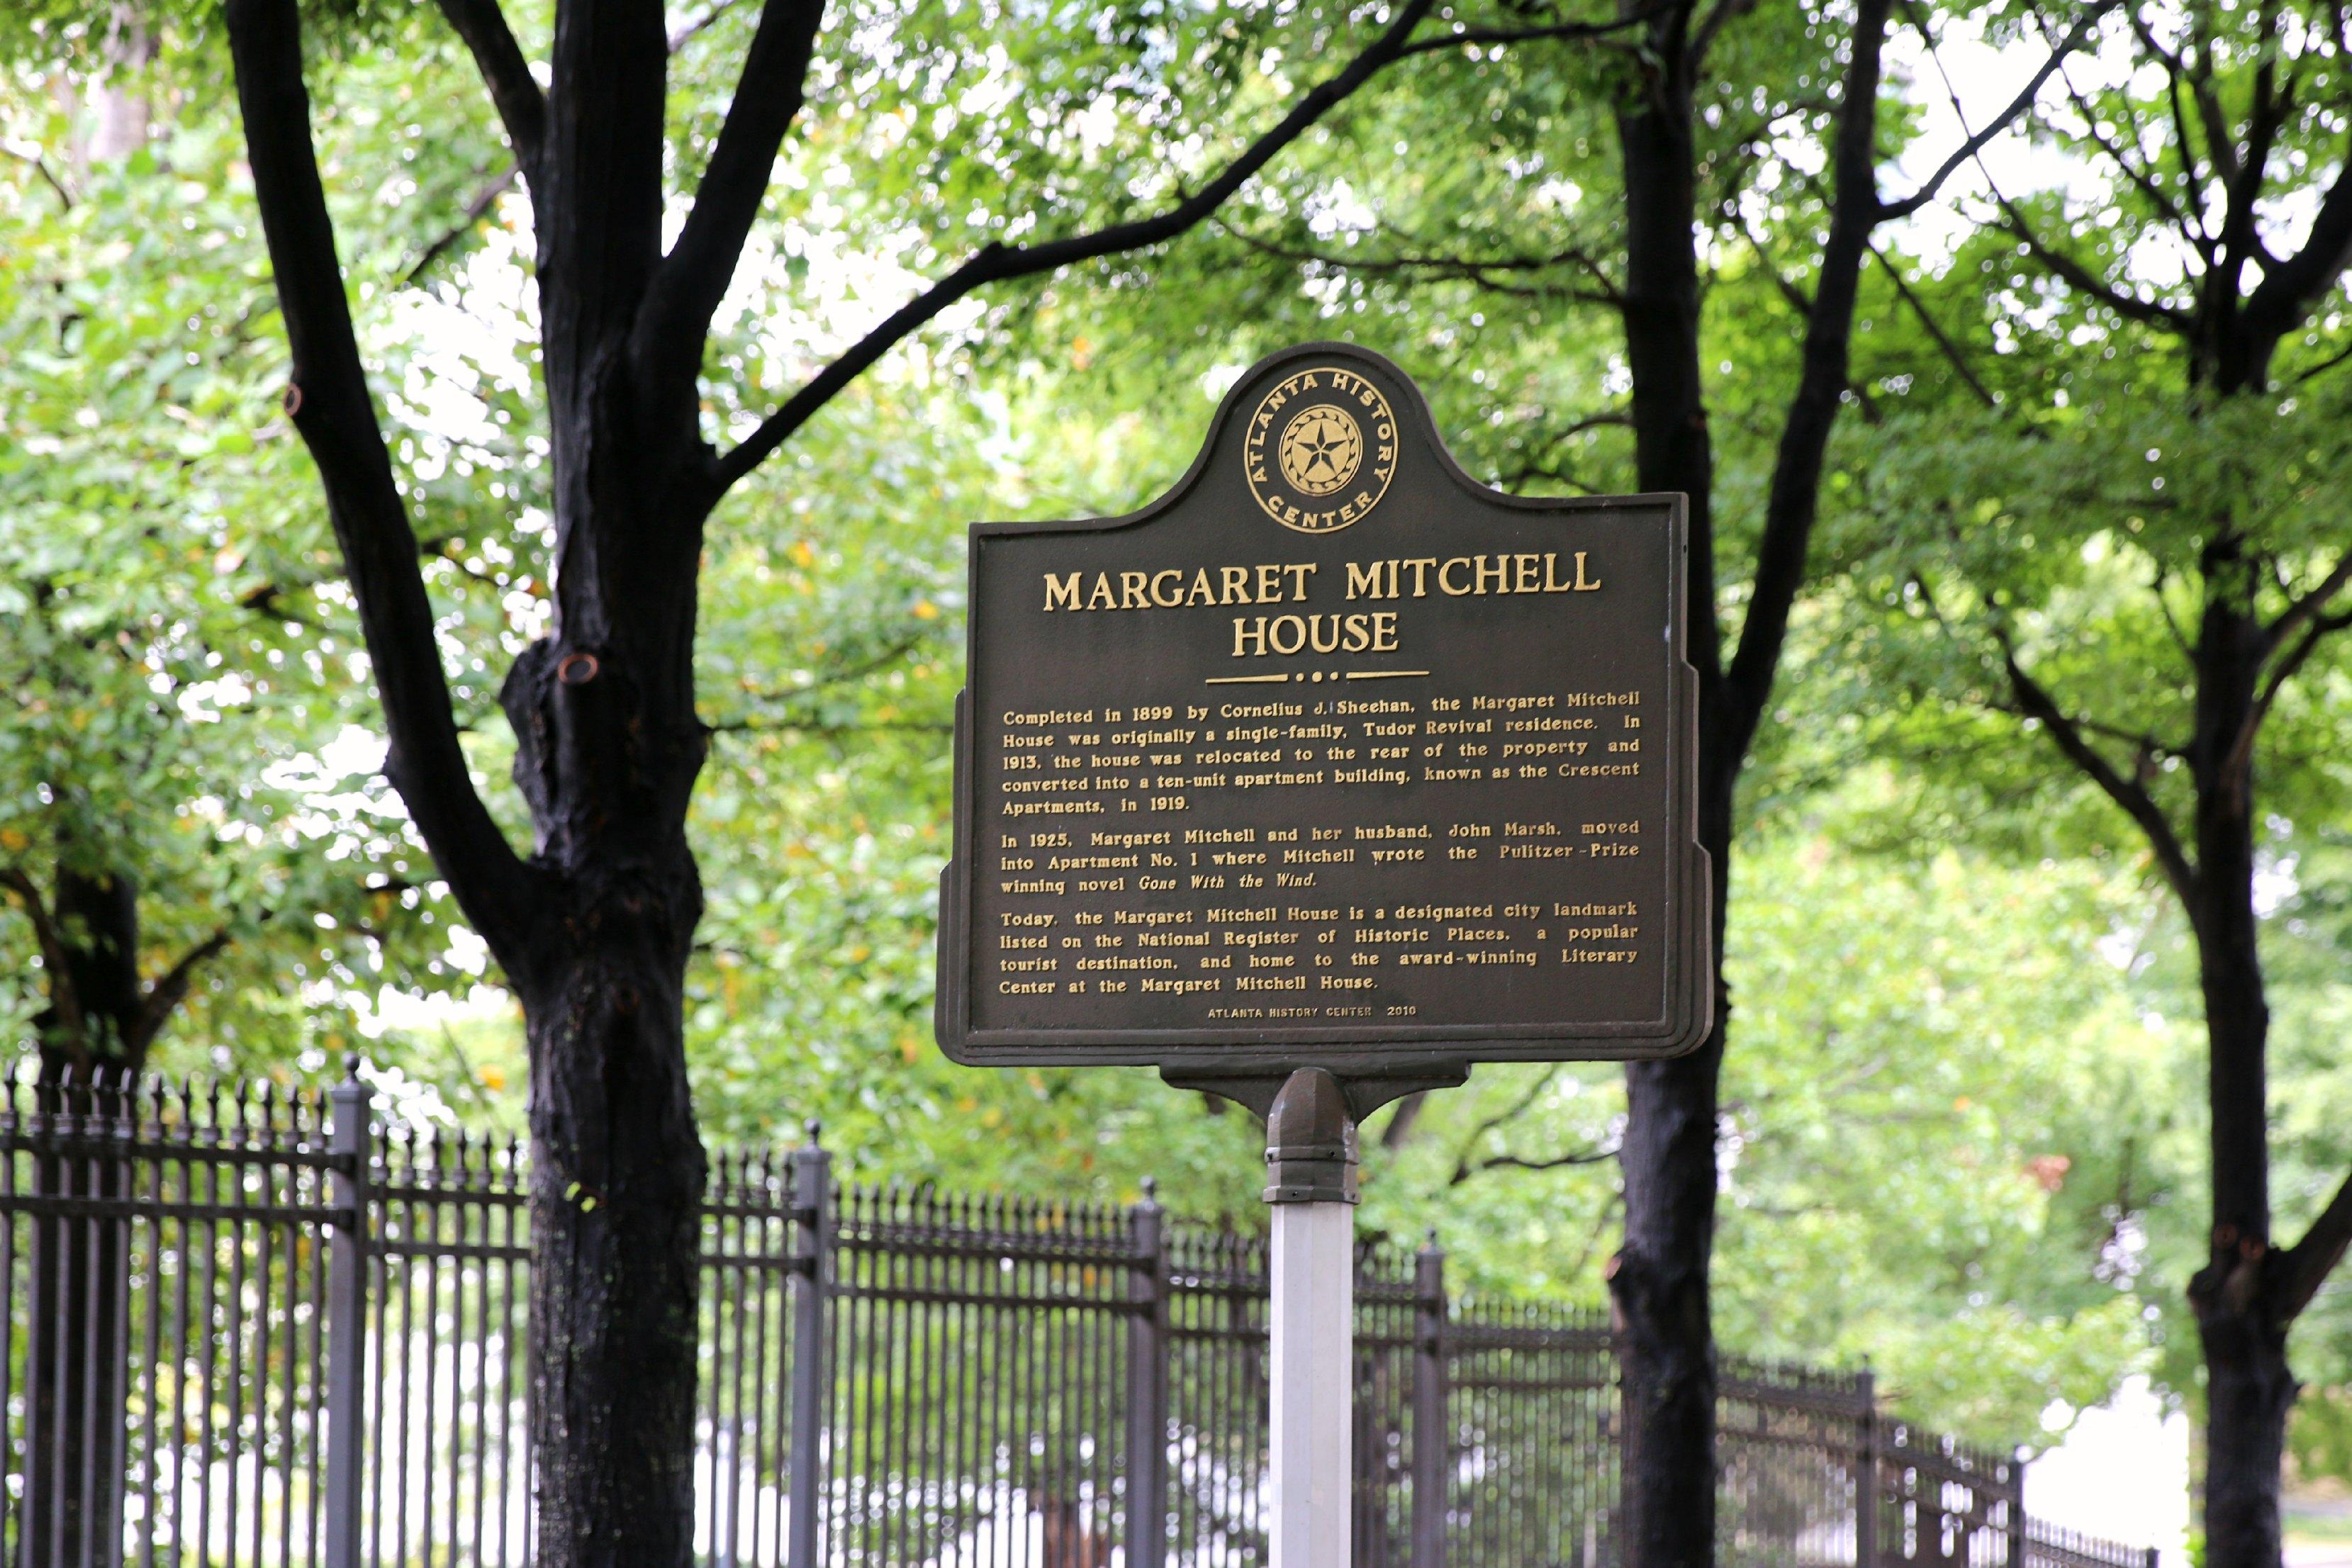 margaret mitchell house tour